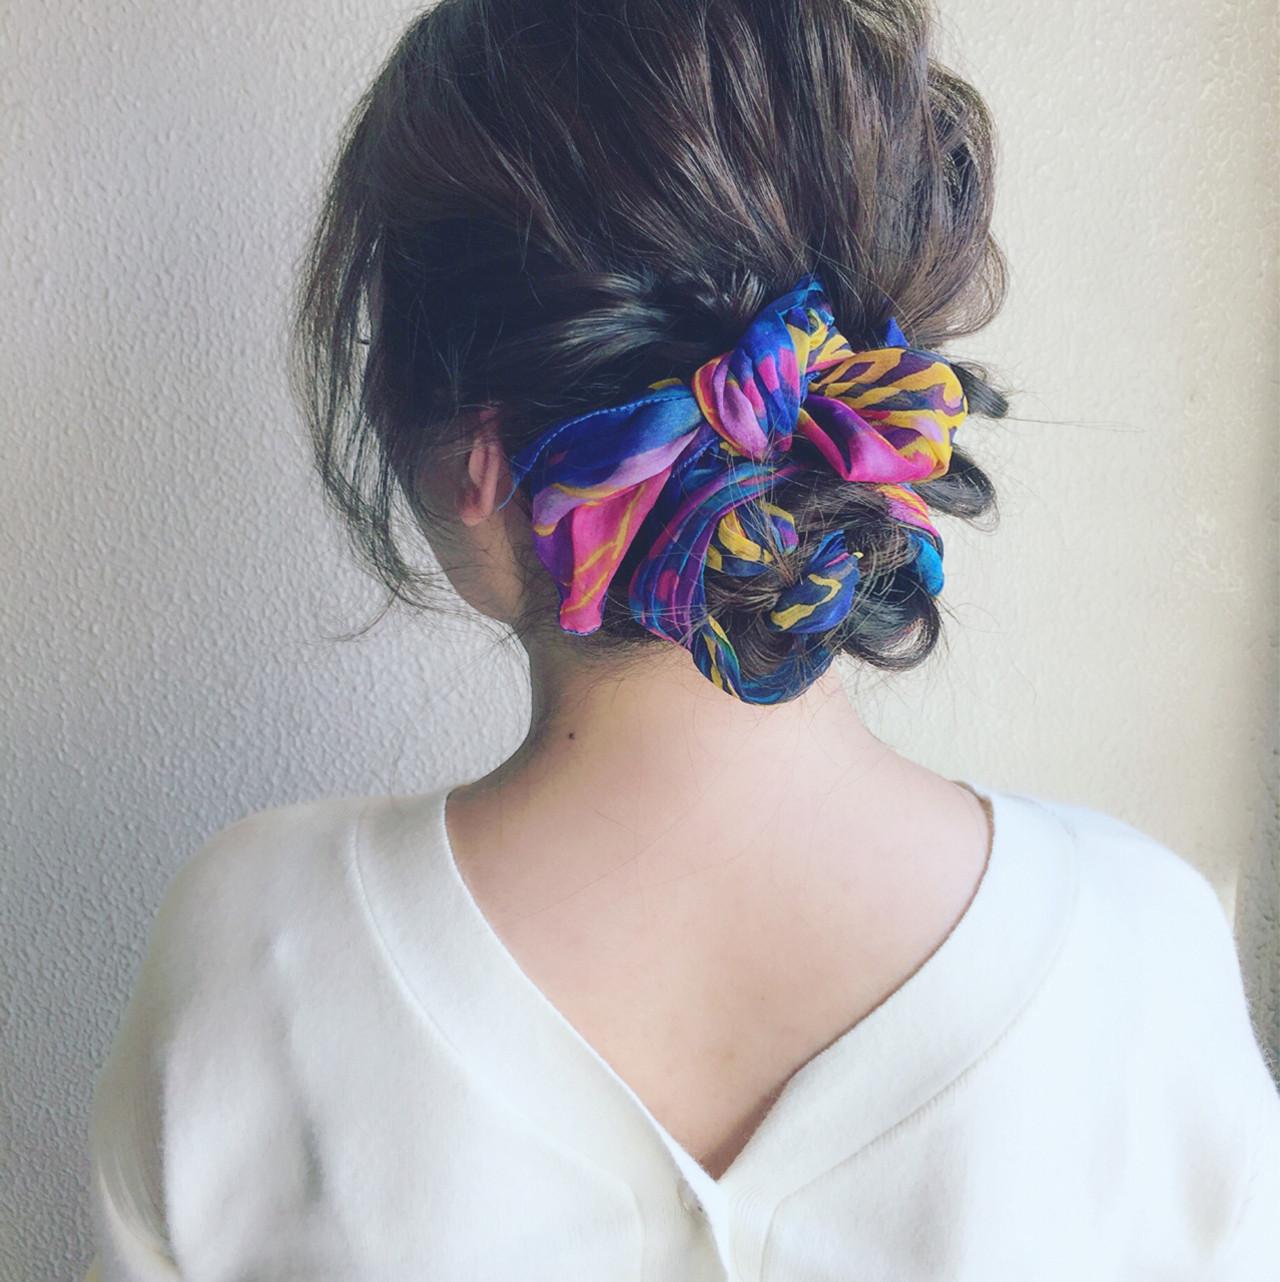 ヘアアレンジ 簡単ヘアアレンジ 波ウェーブ ヘアアクセ ヘアスタイルや髪型の写真・画像